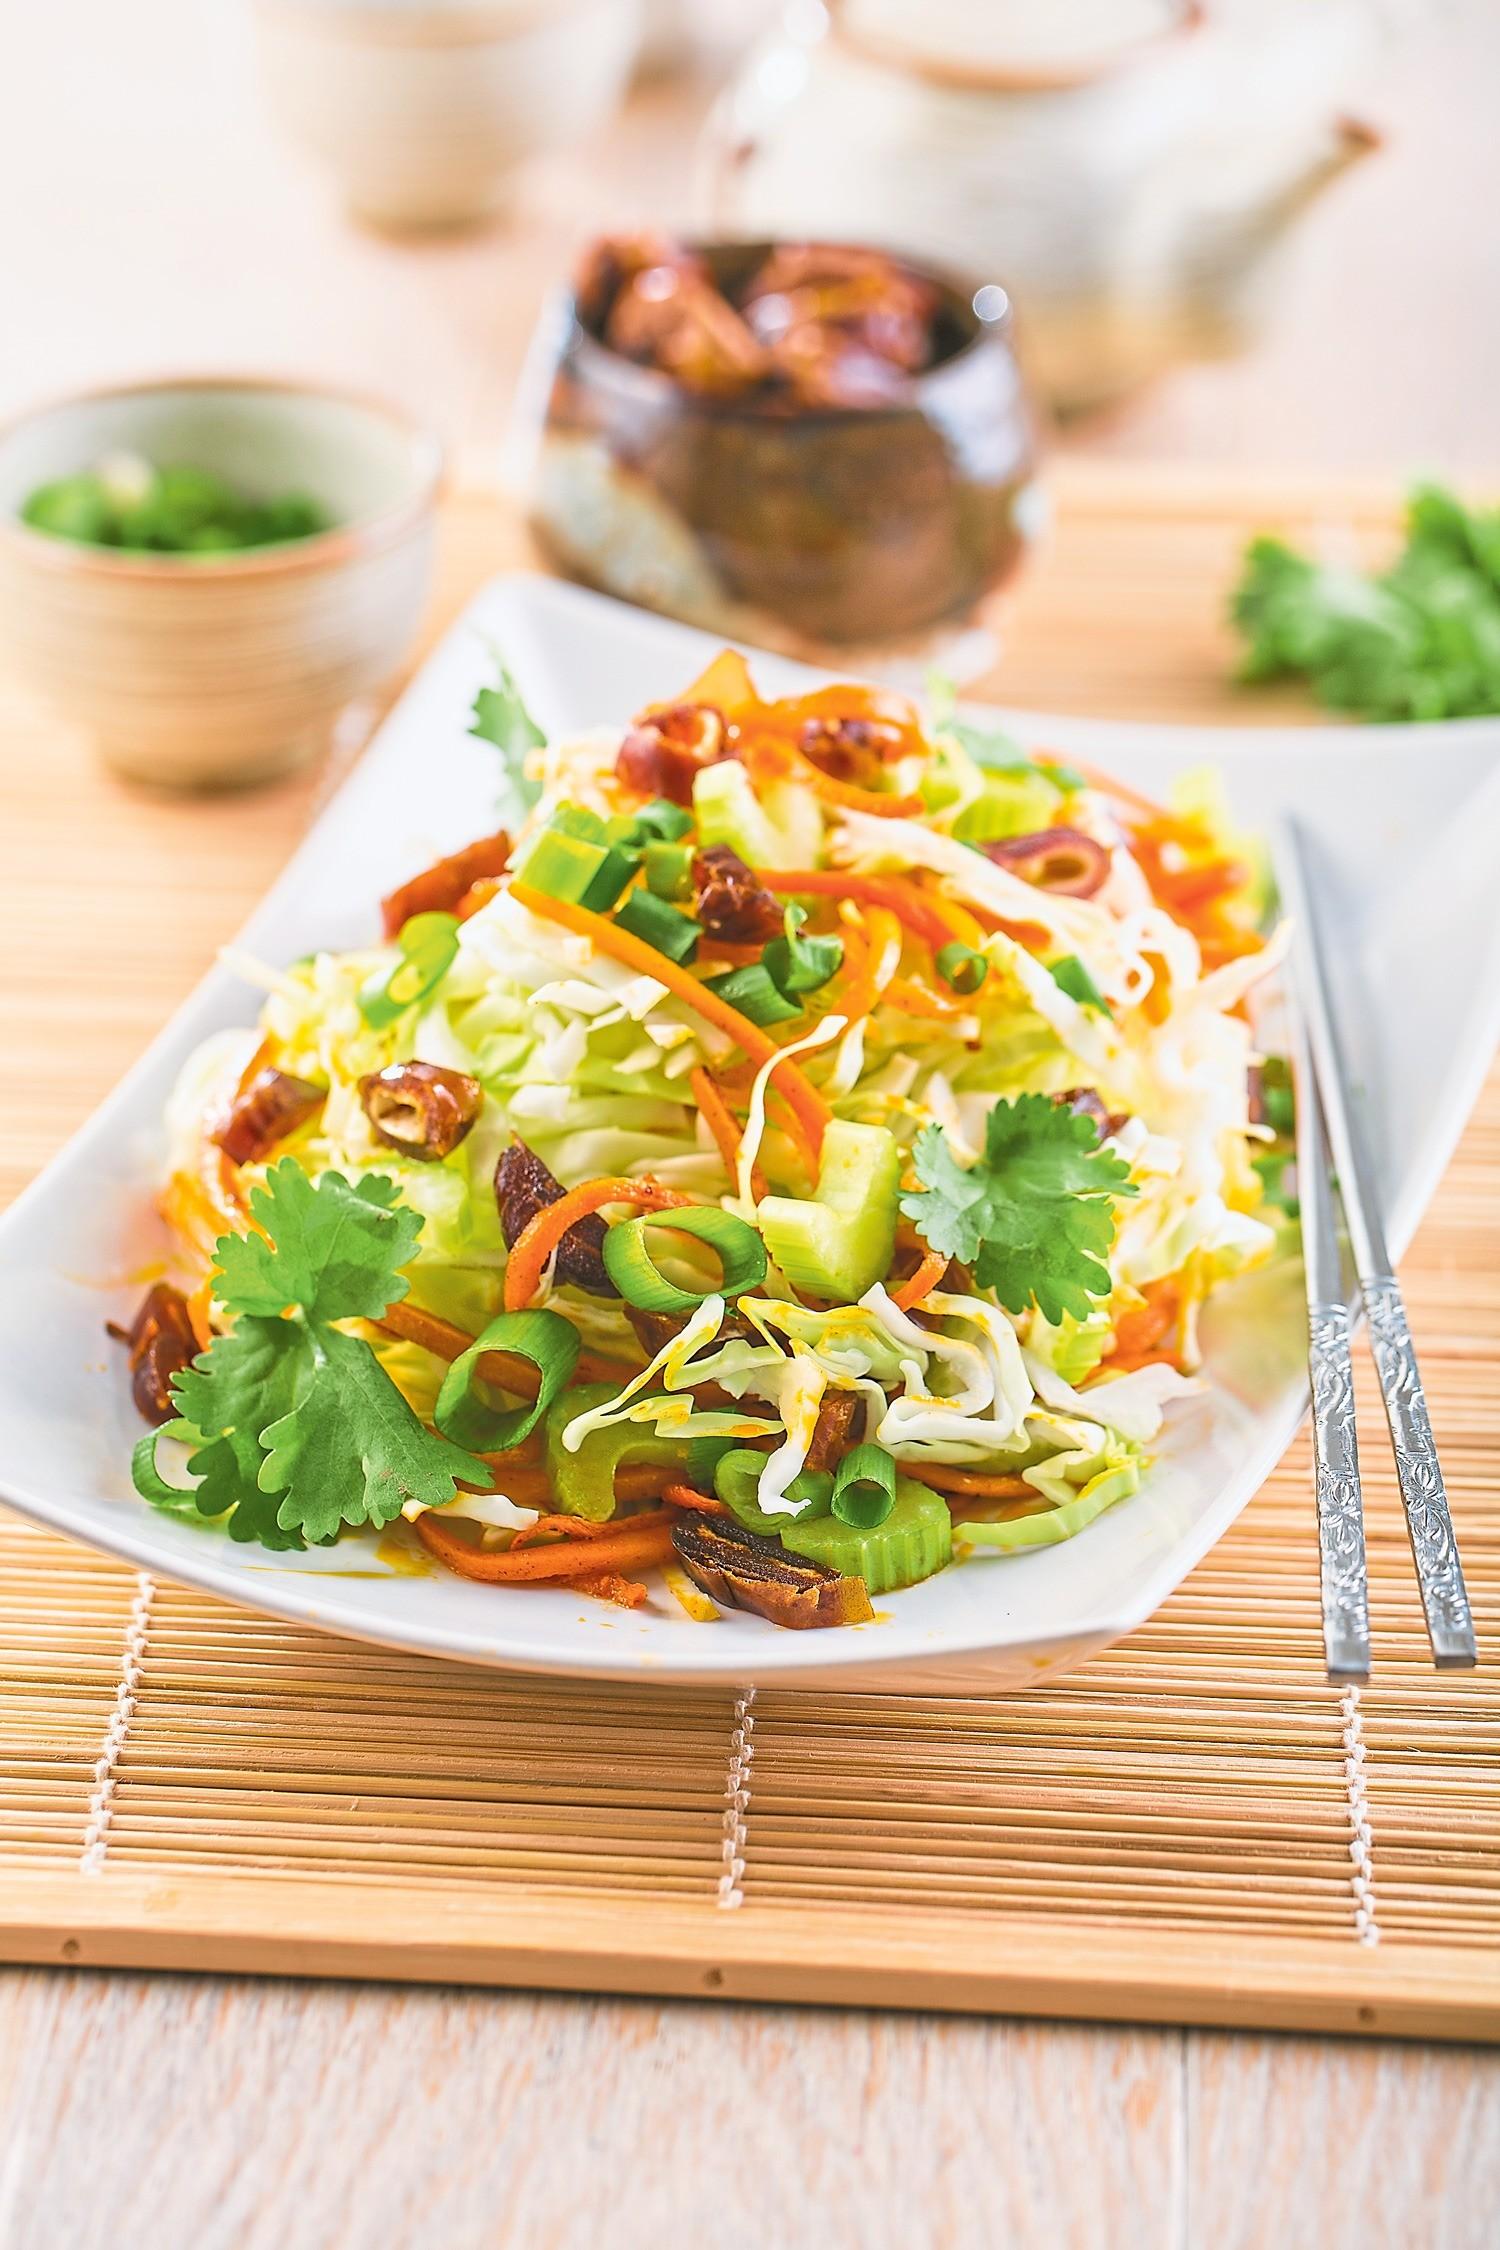 Салат с капустой, сельдереем и финиками